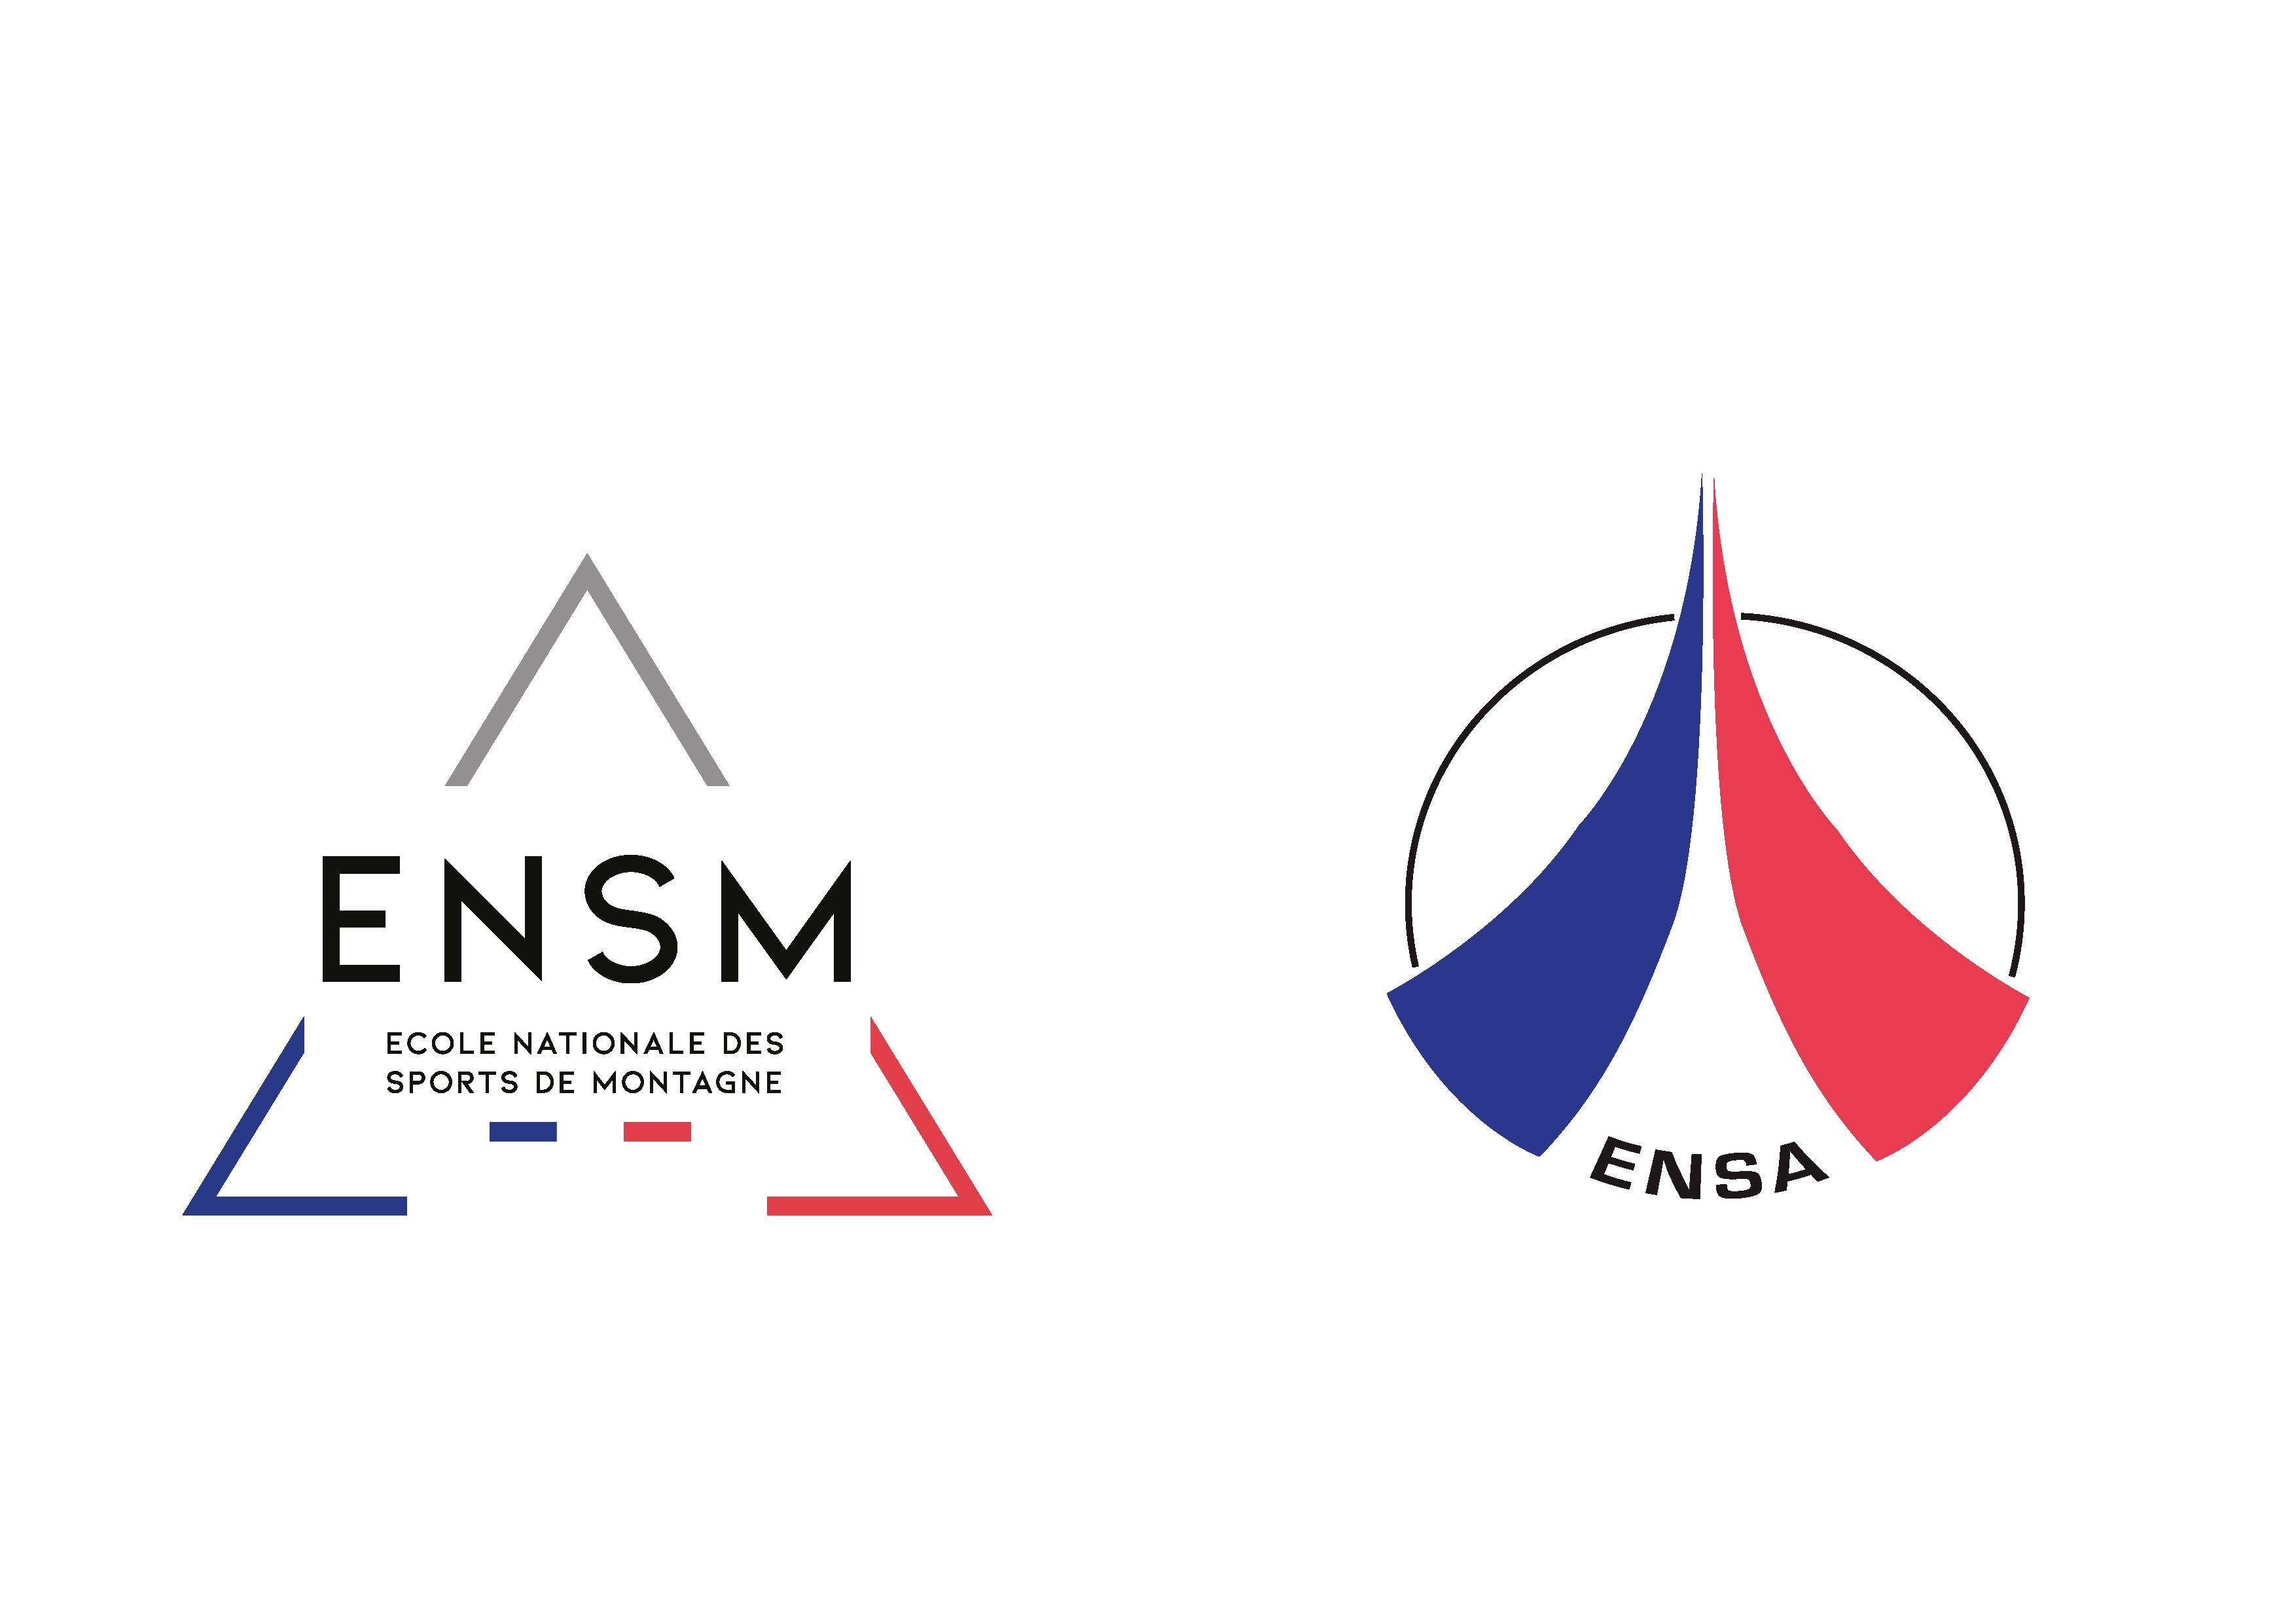 2021 ensm_ensa_logo_2021_Plan de travail 1